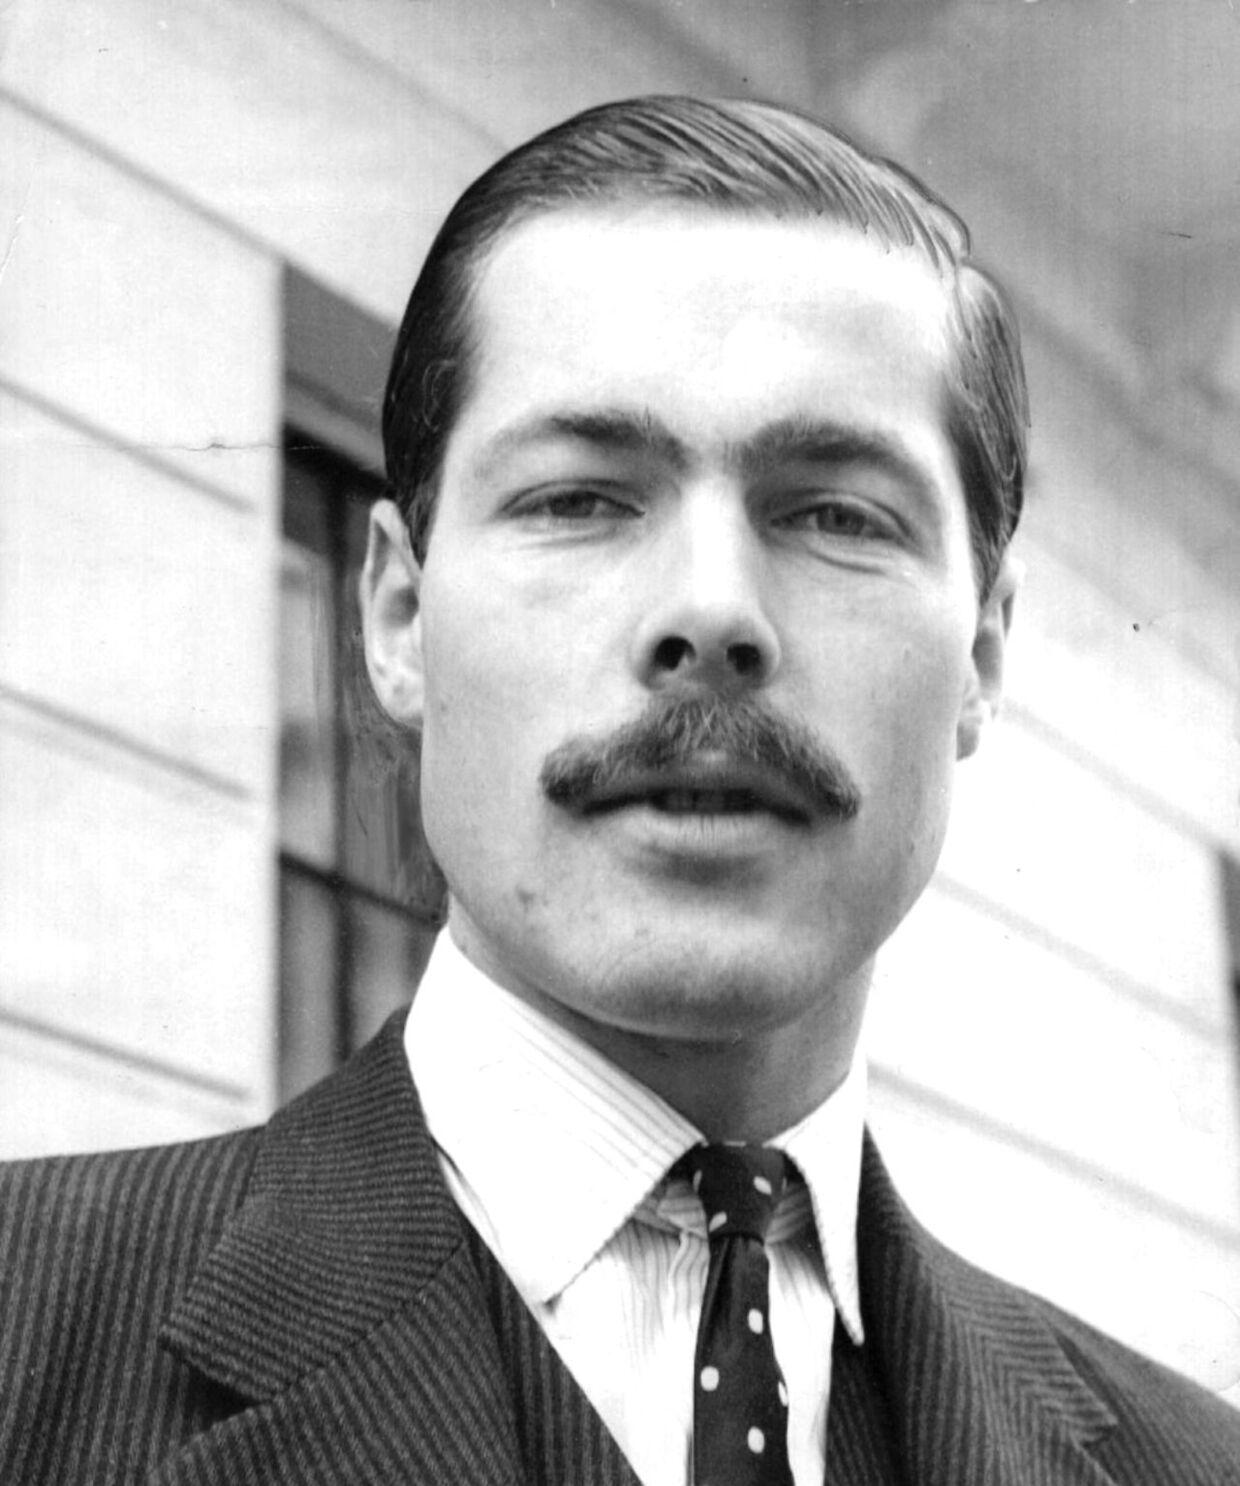 ARKIVFOTO af Lord Lucan, før han forsvandt og blev sigtet for at have dræbt familiens barnepige.